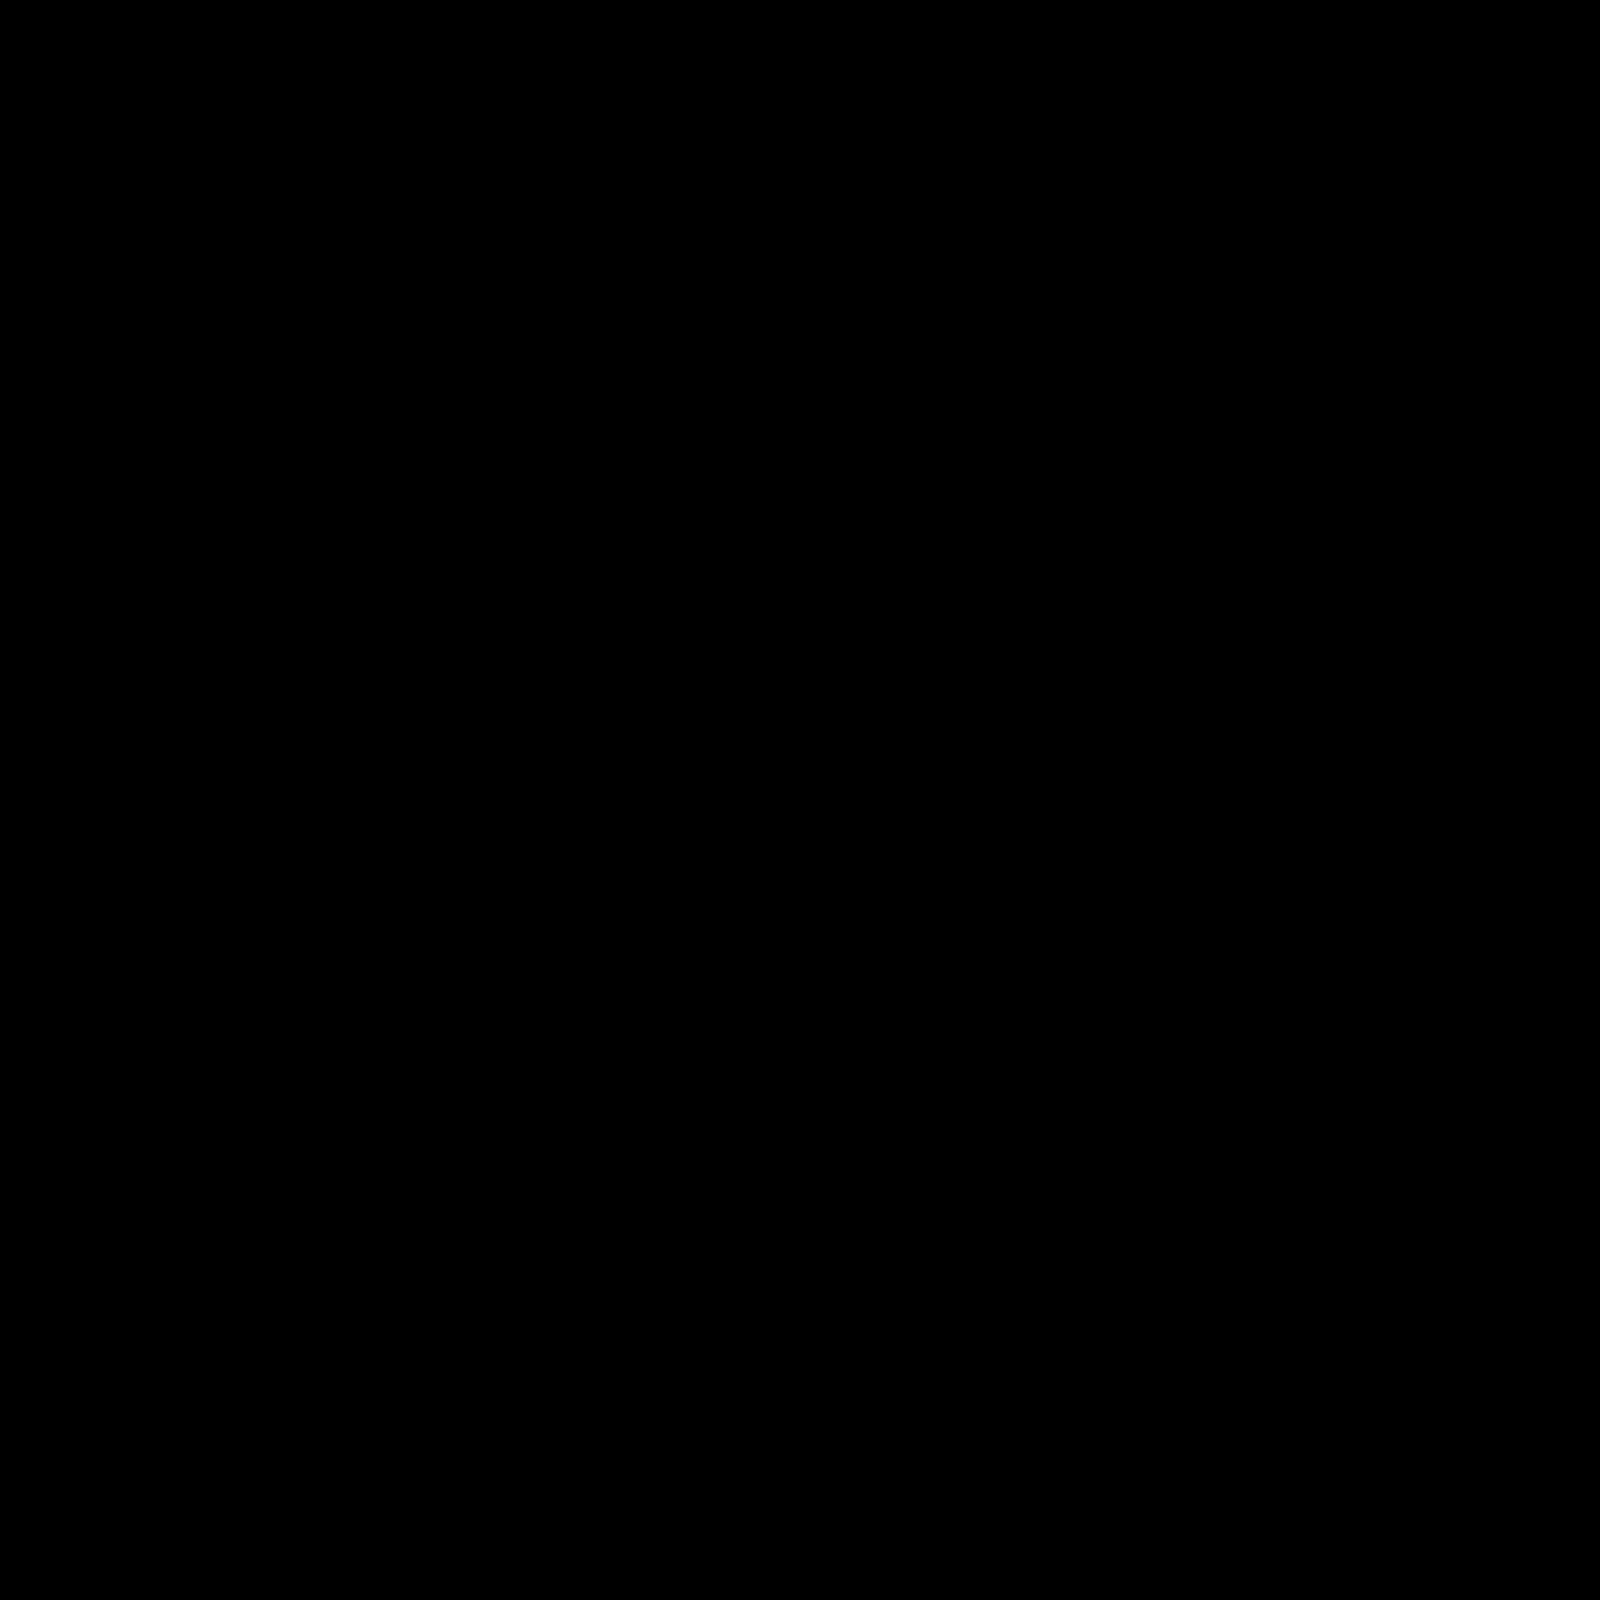 Tapeta icon